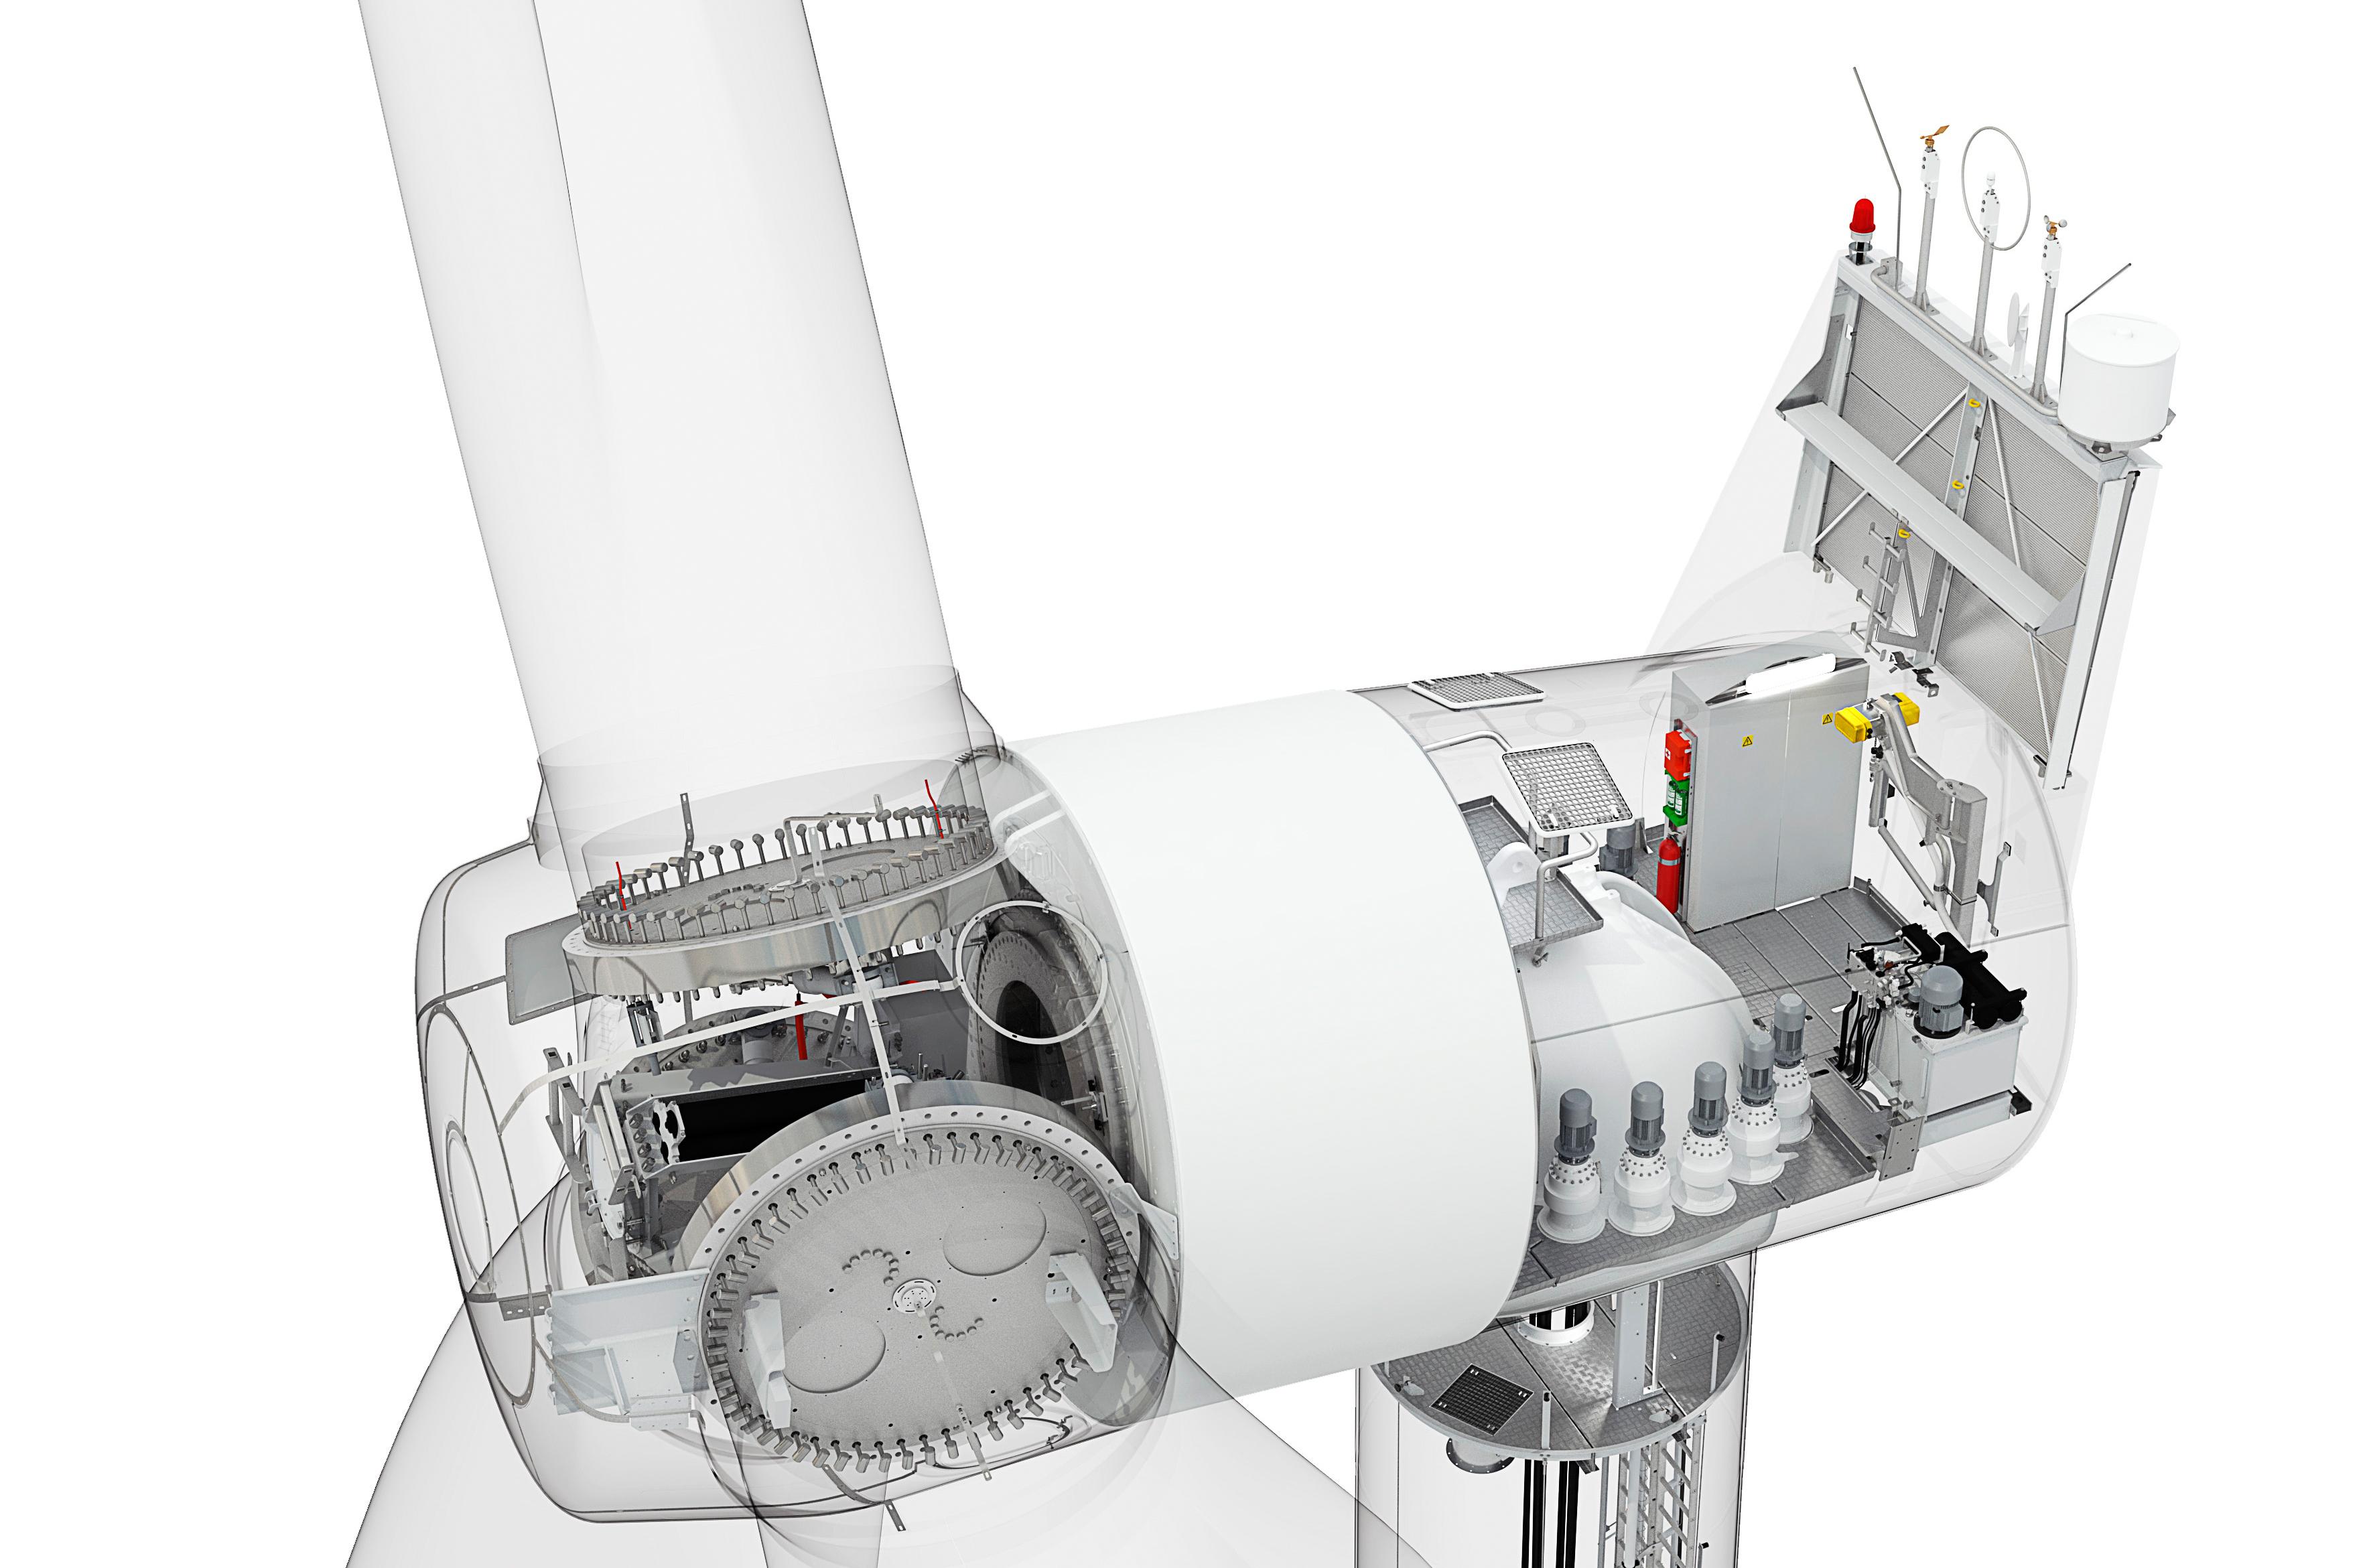 Eólica en Ontario: Siemens suministra aerogeneradores al parque eólico Armow, por José Santamarta